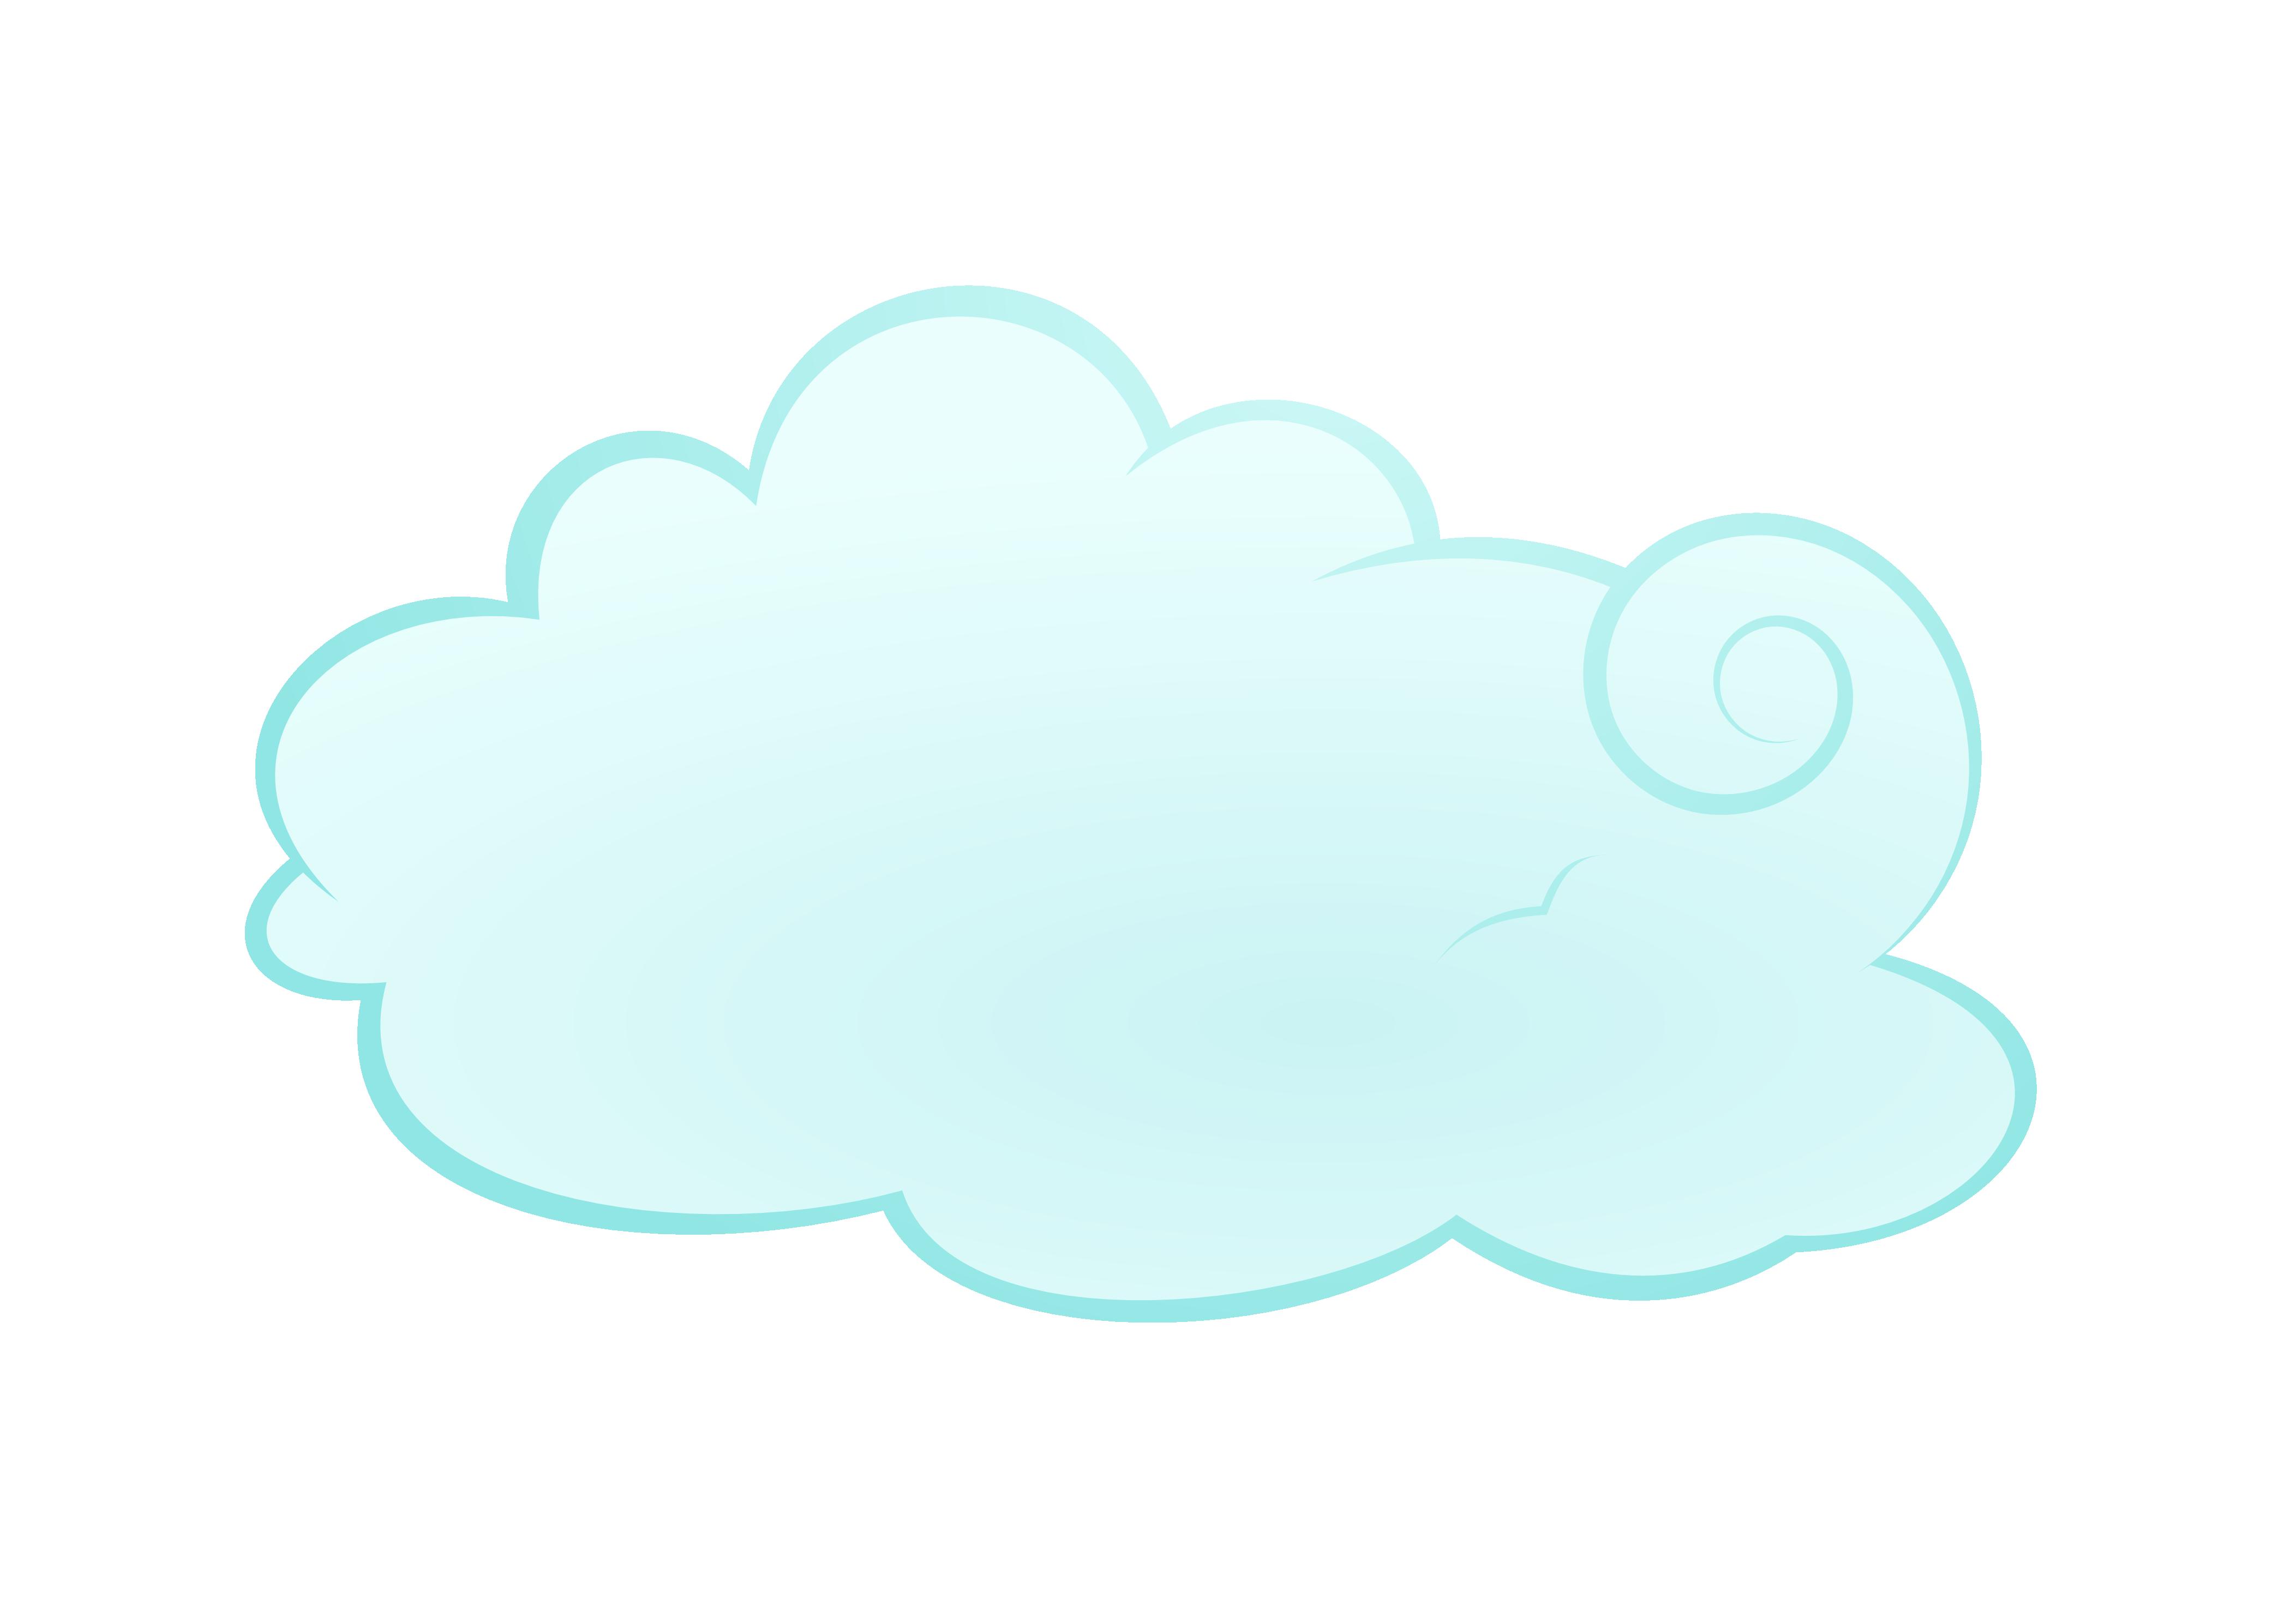 Картинки облаков для детей на прозрачном фоне, рождением девочки мужу